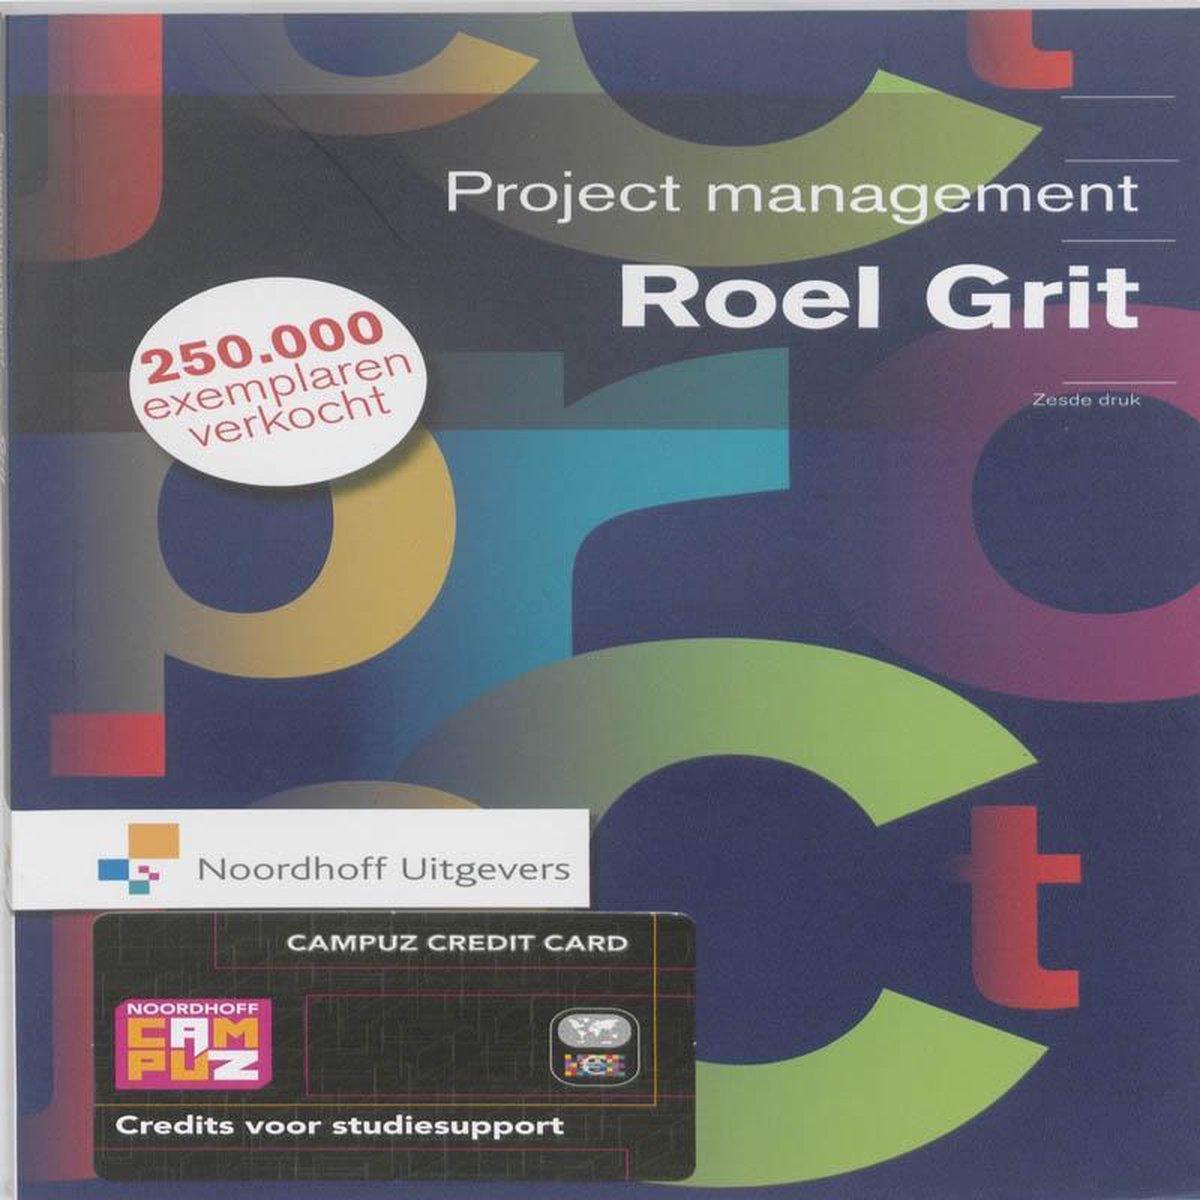 Projectmanagement - Roel Grit